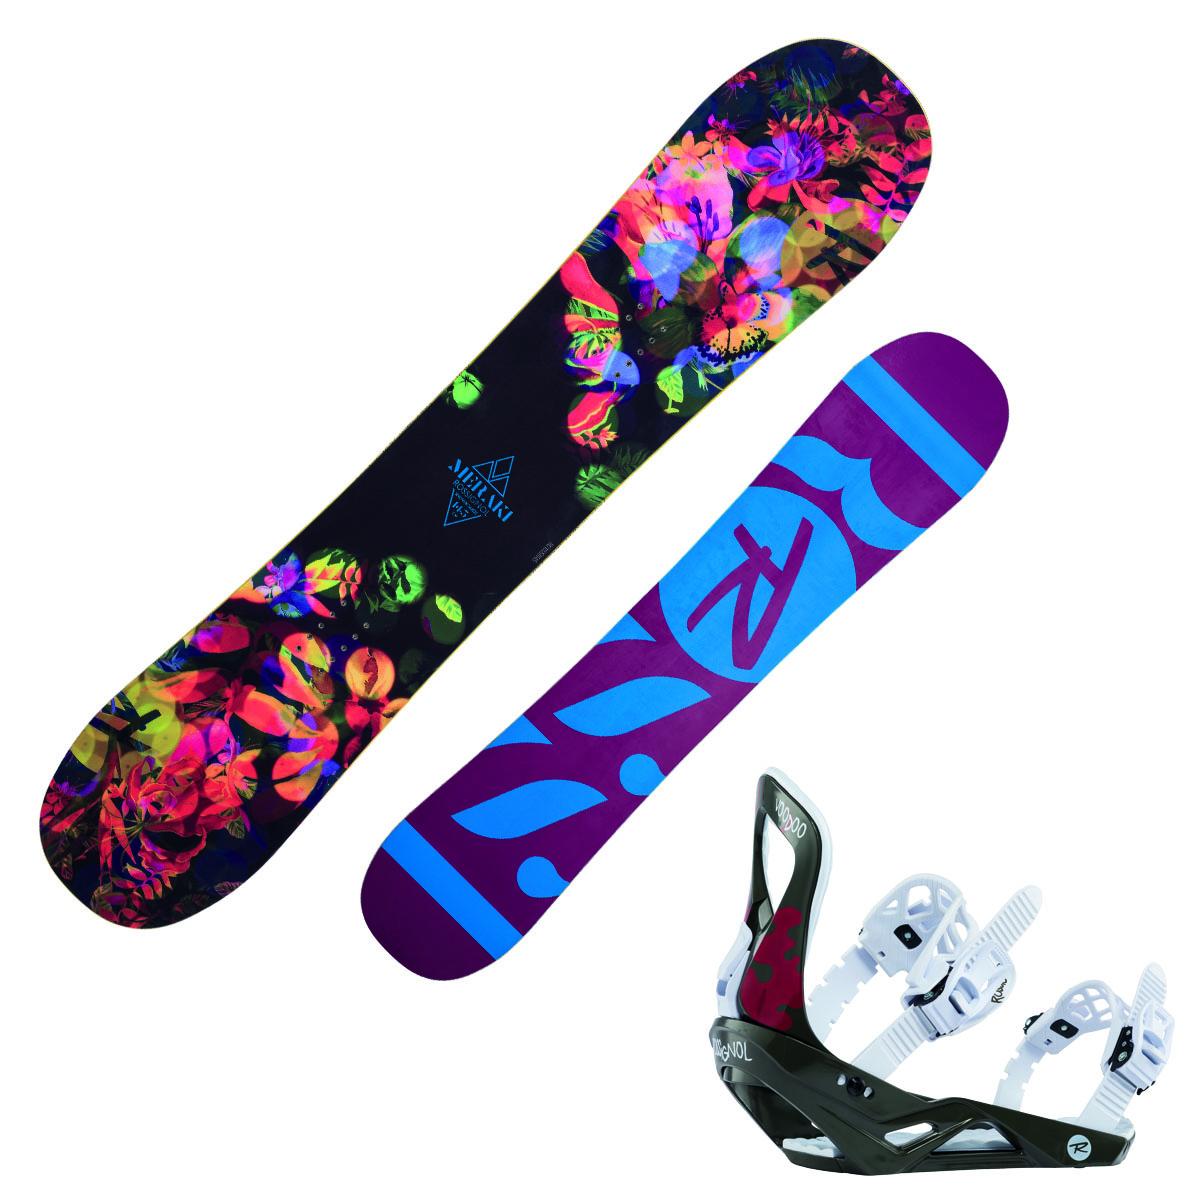 Snowboard Rossignol Meraki Donna con attacchi Voodoo S/M (Colore: fantasia, Taglia: 145)